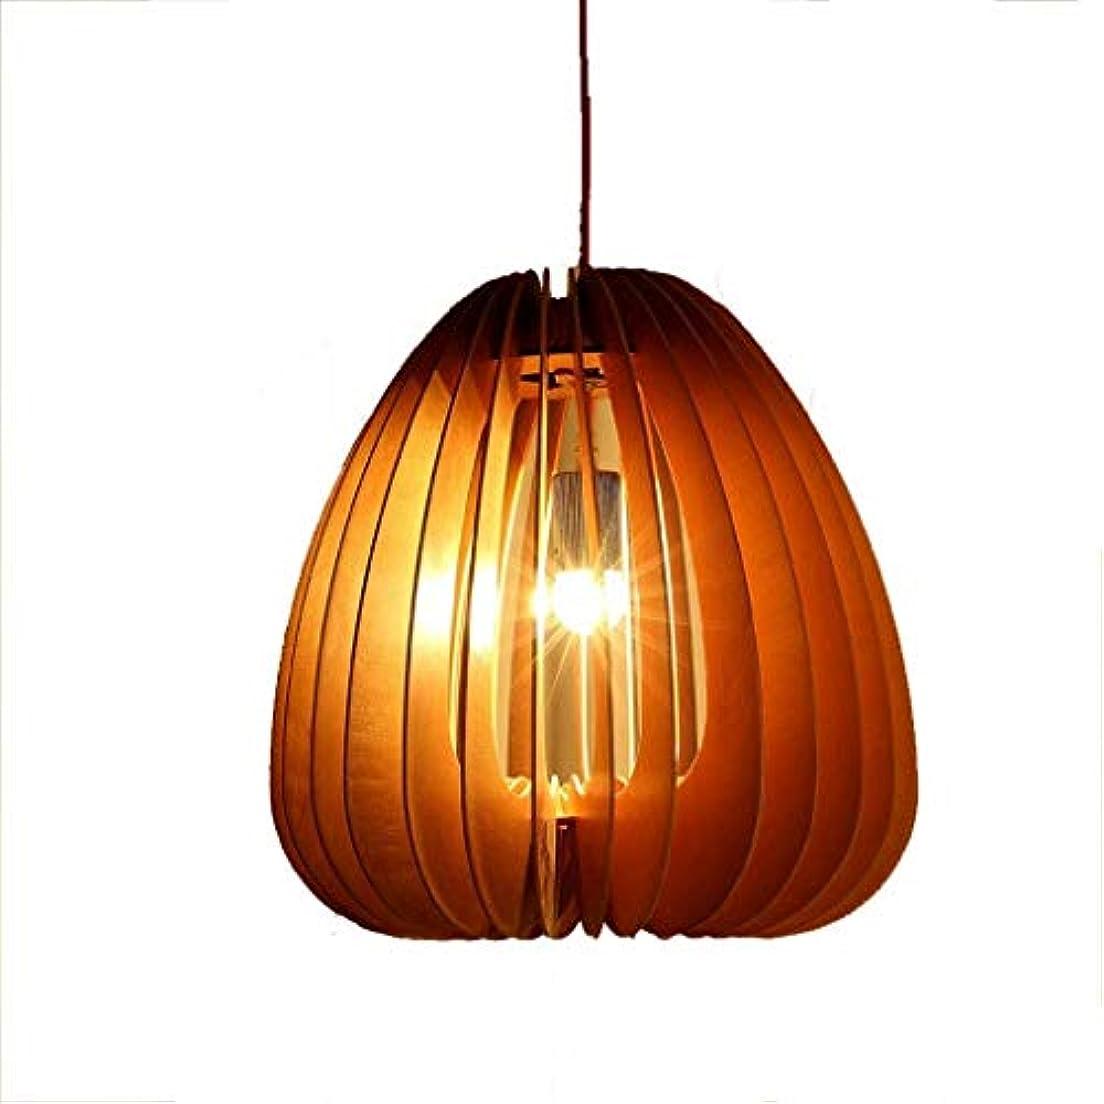 肉腫成人期冗長Lvhayon シャンデリア 現代の木製のシャンデリア、楕円形の木製のシャンデリア